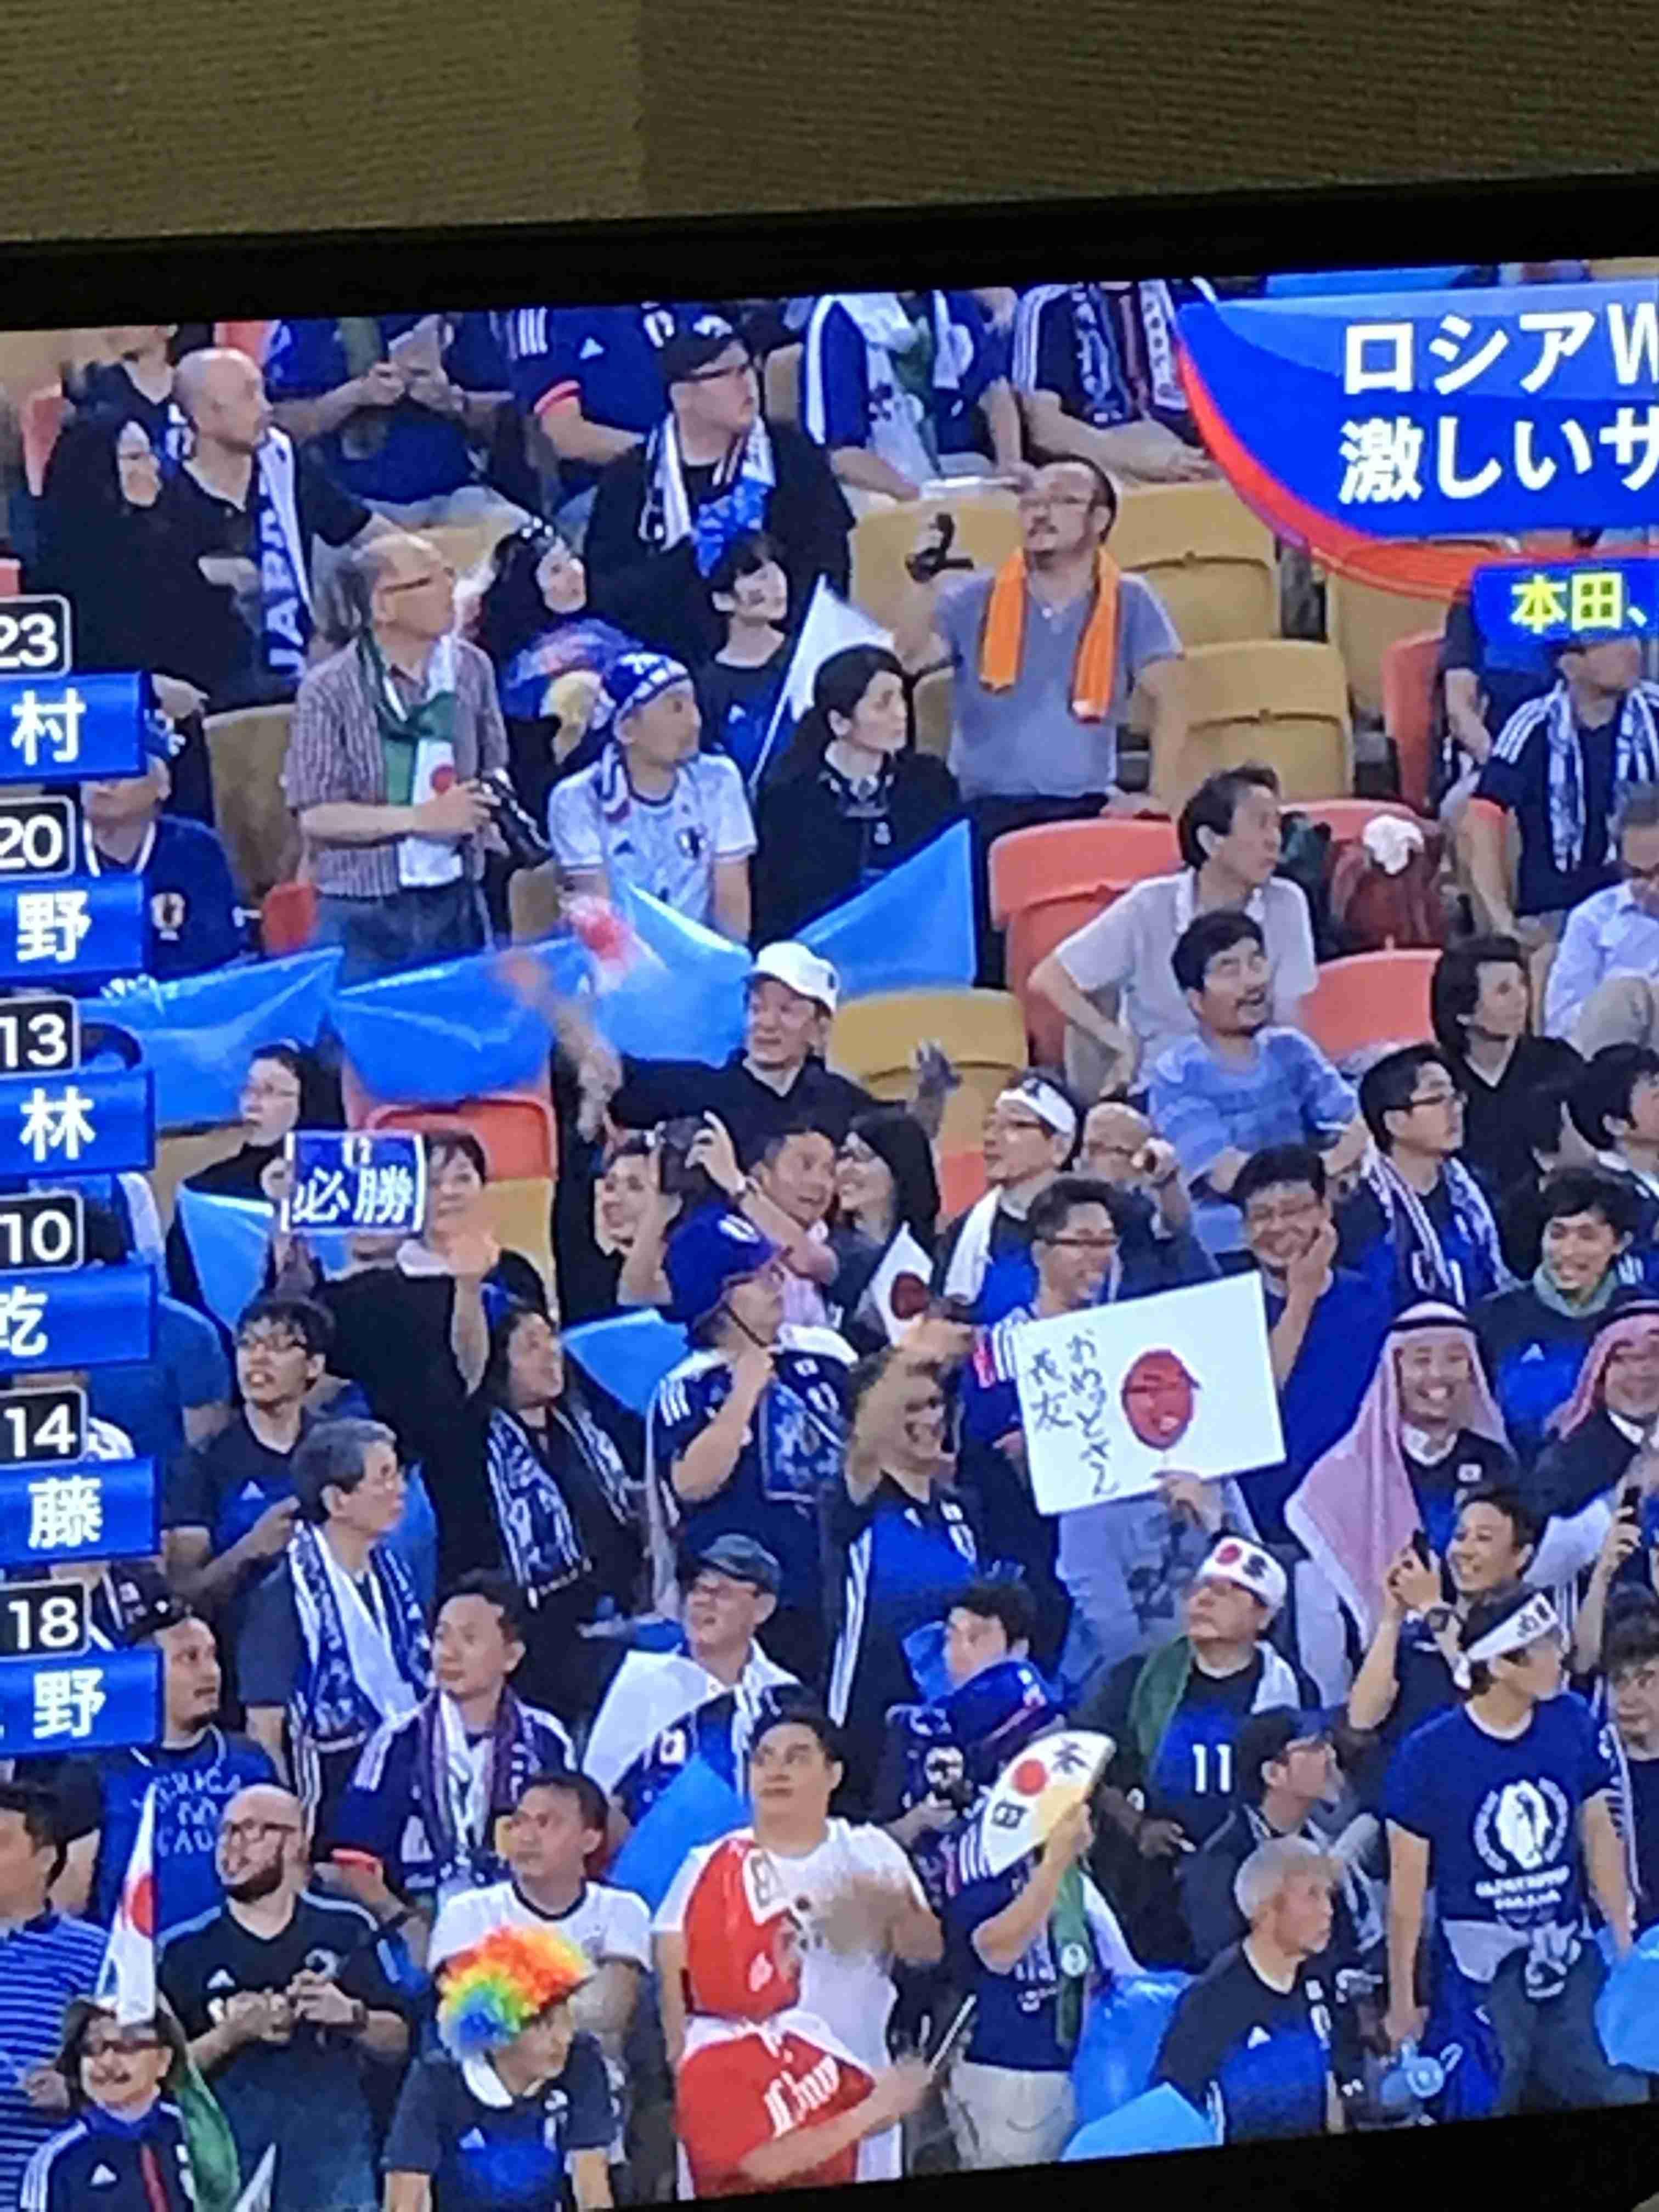 【実況・感想】2018FIFAサッカーW杯 アジア最終予選 日本VSサウジアラビア